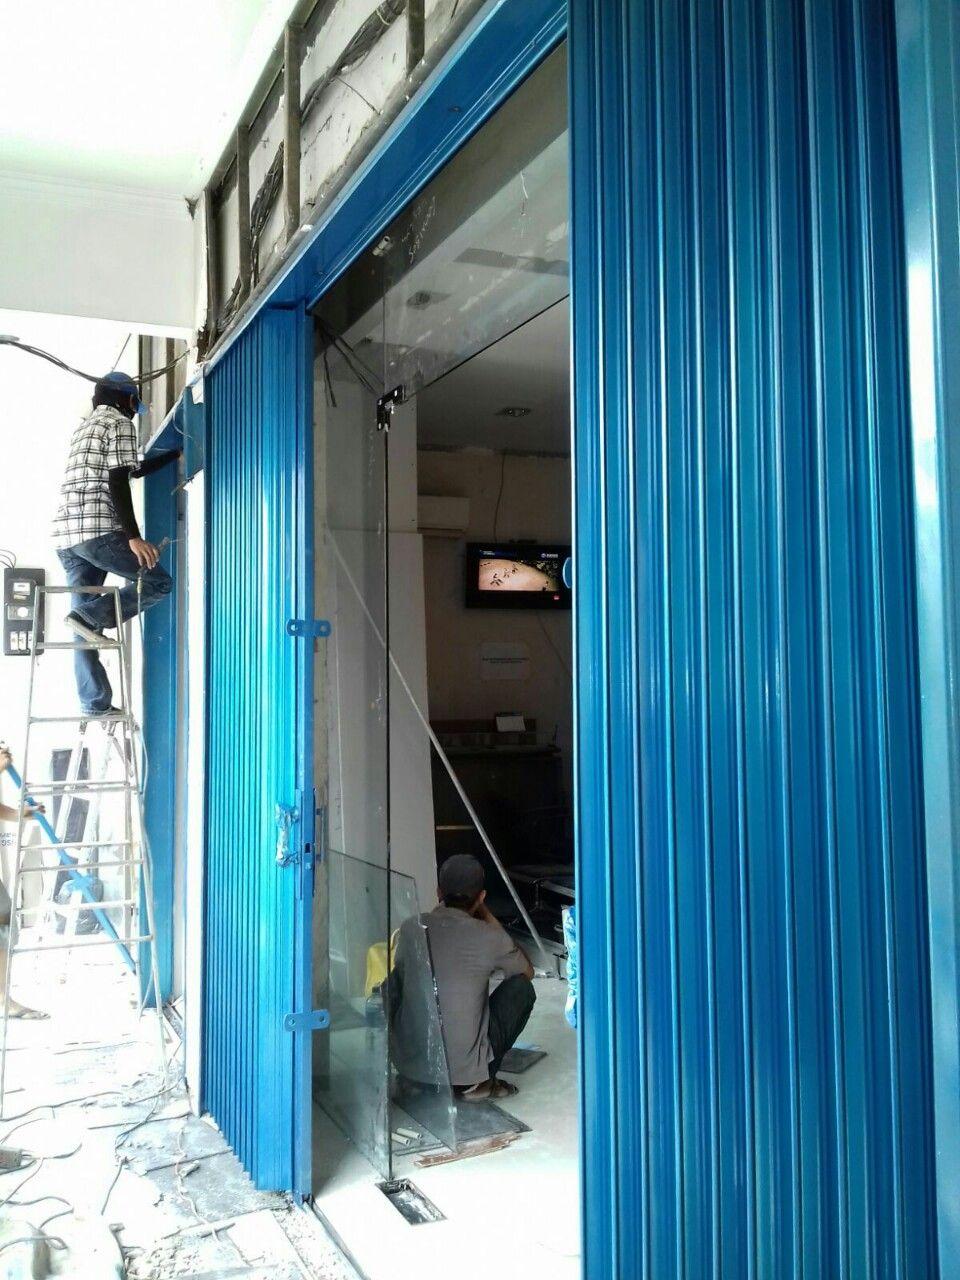 Tukang pasang & Service pintu Folding gate & harmonika 081315749953 ...